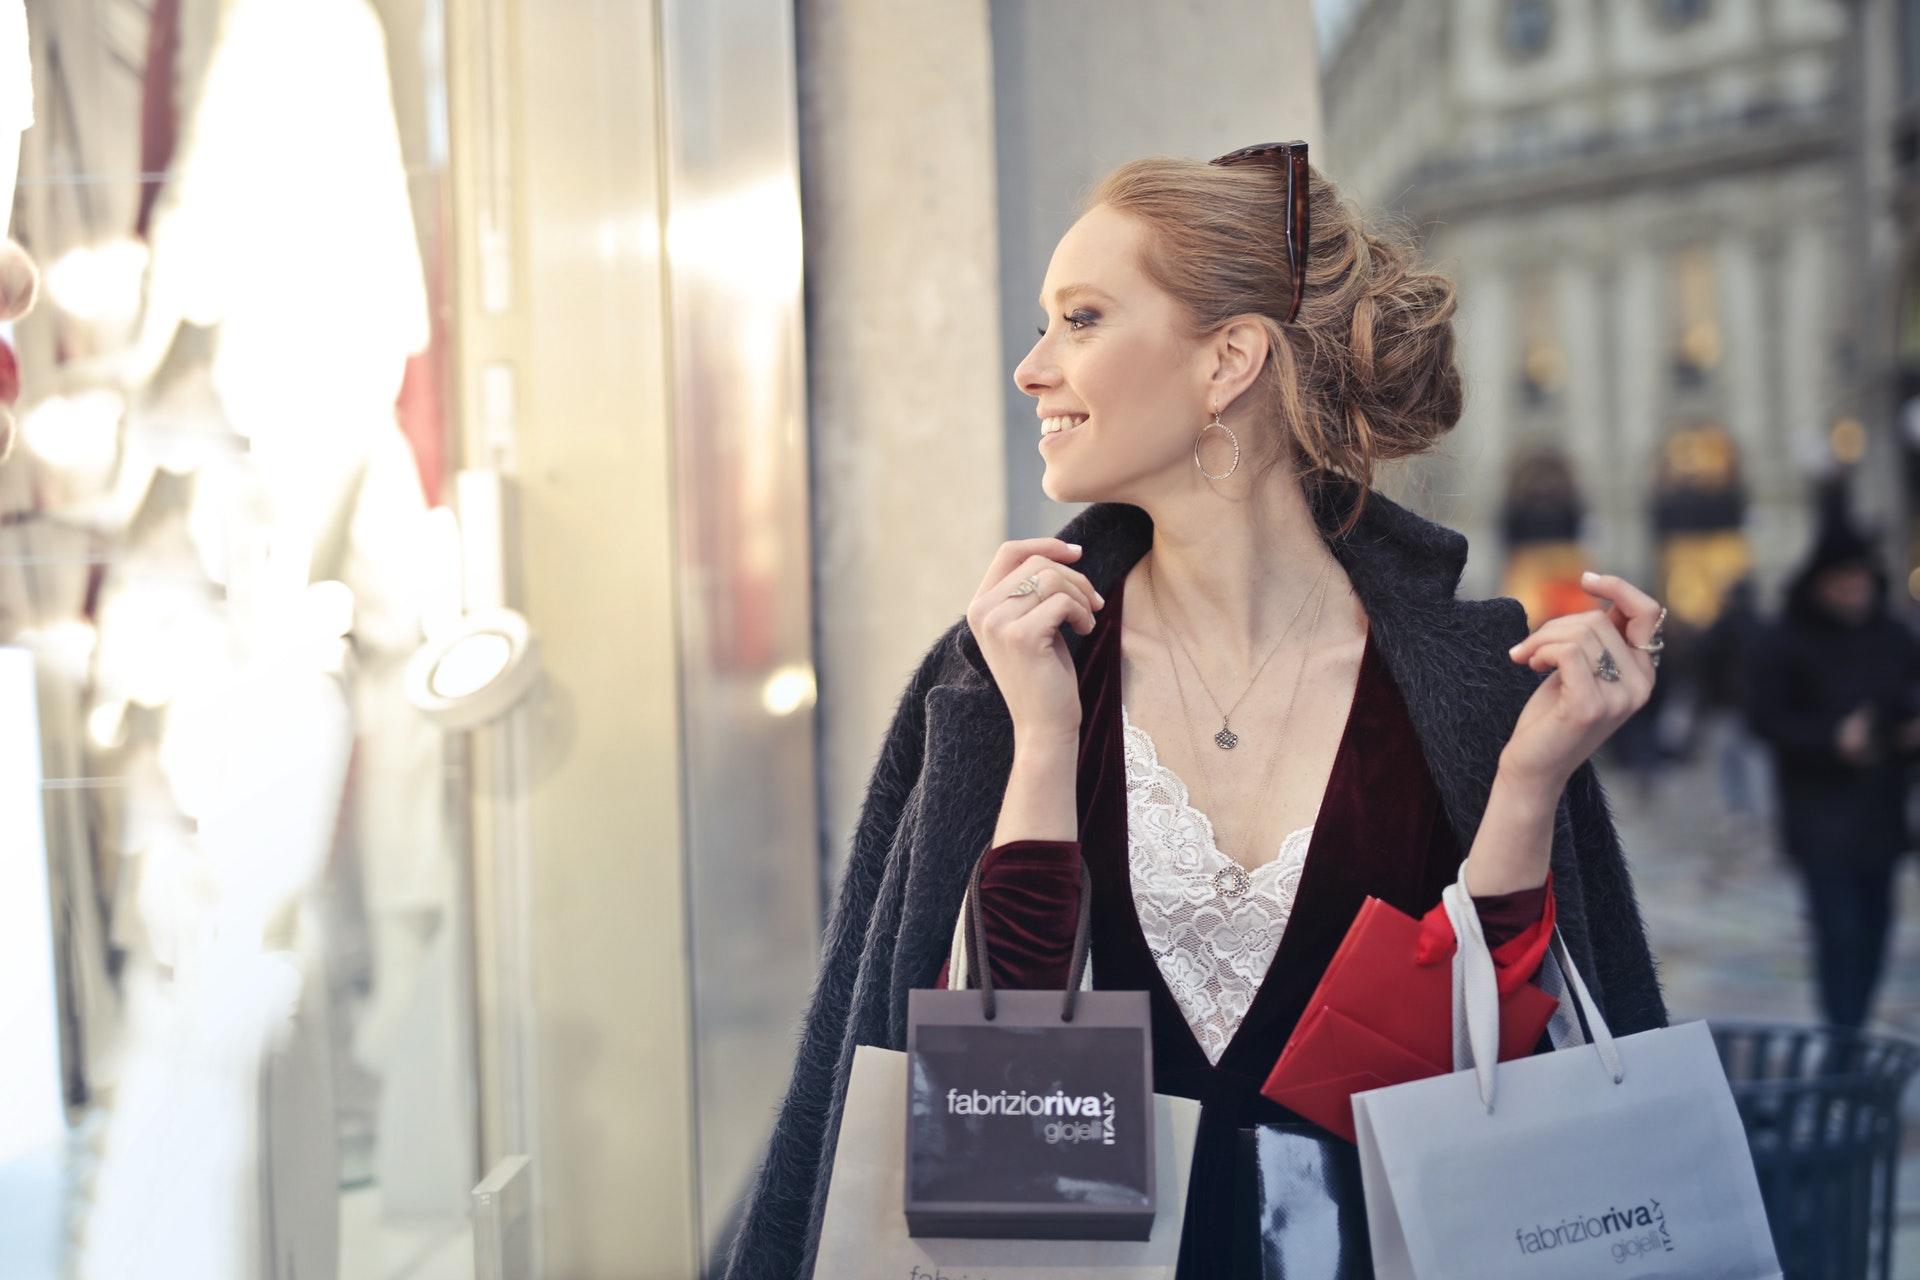 アラフィフ女性の魅力を引き出すファッションと魅力的にみせるコツ